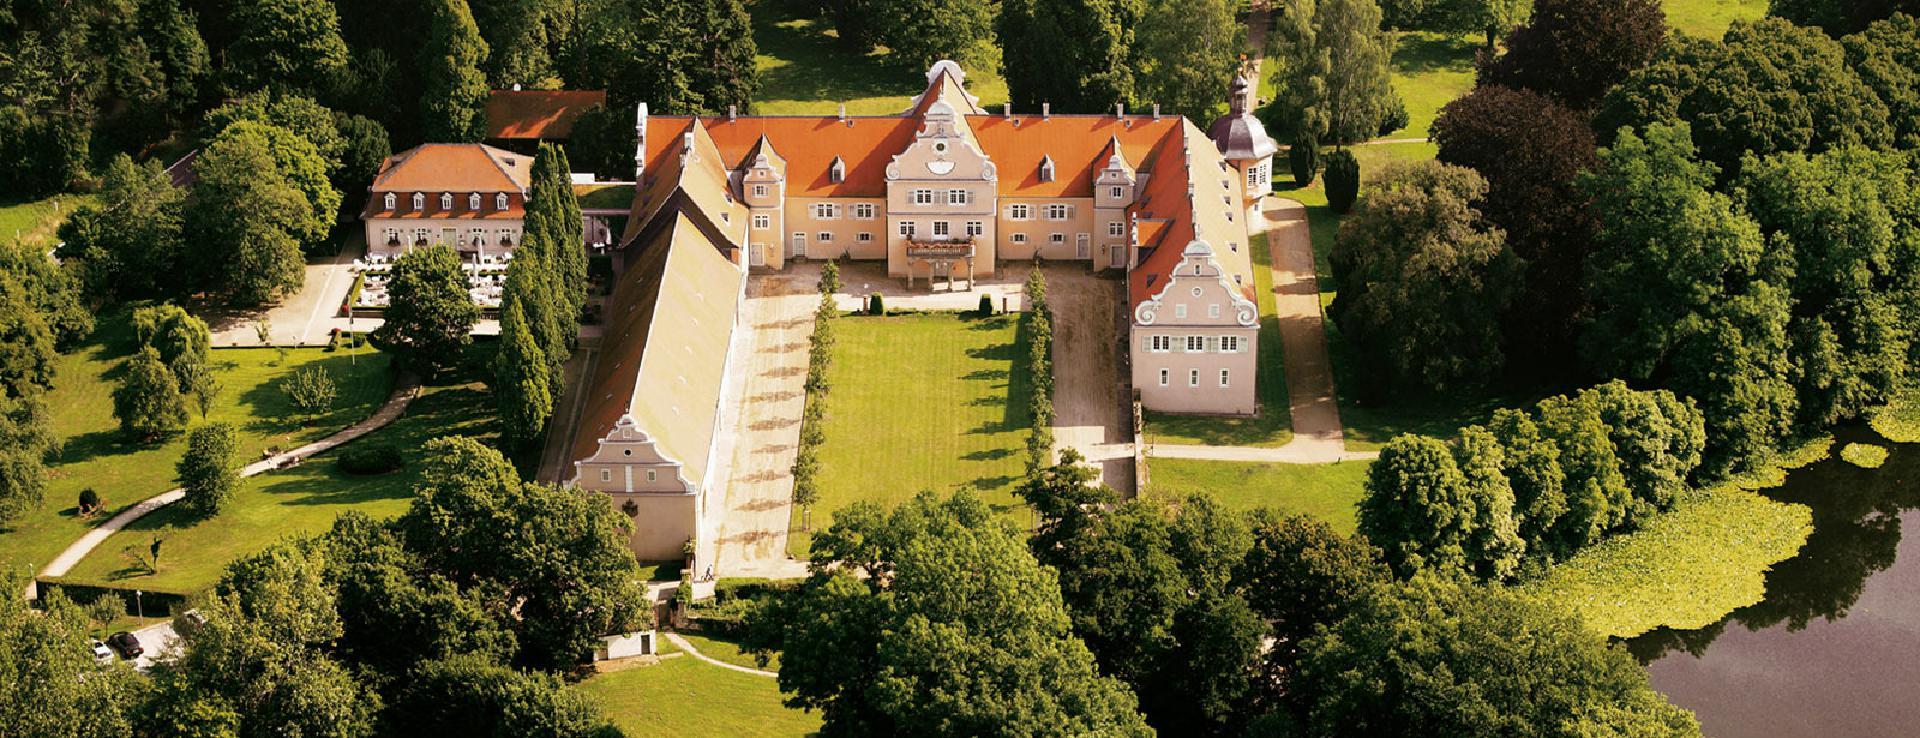 hotel-jagdschloss-kranichstein-darmstadt